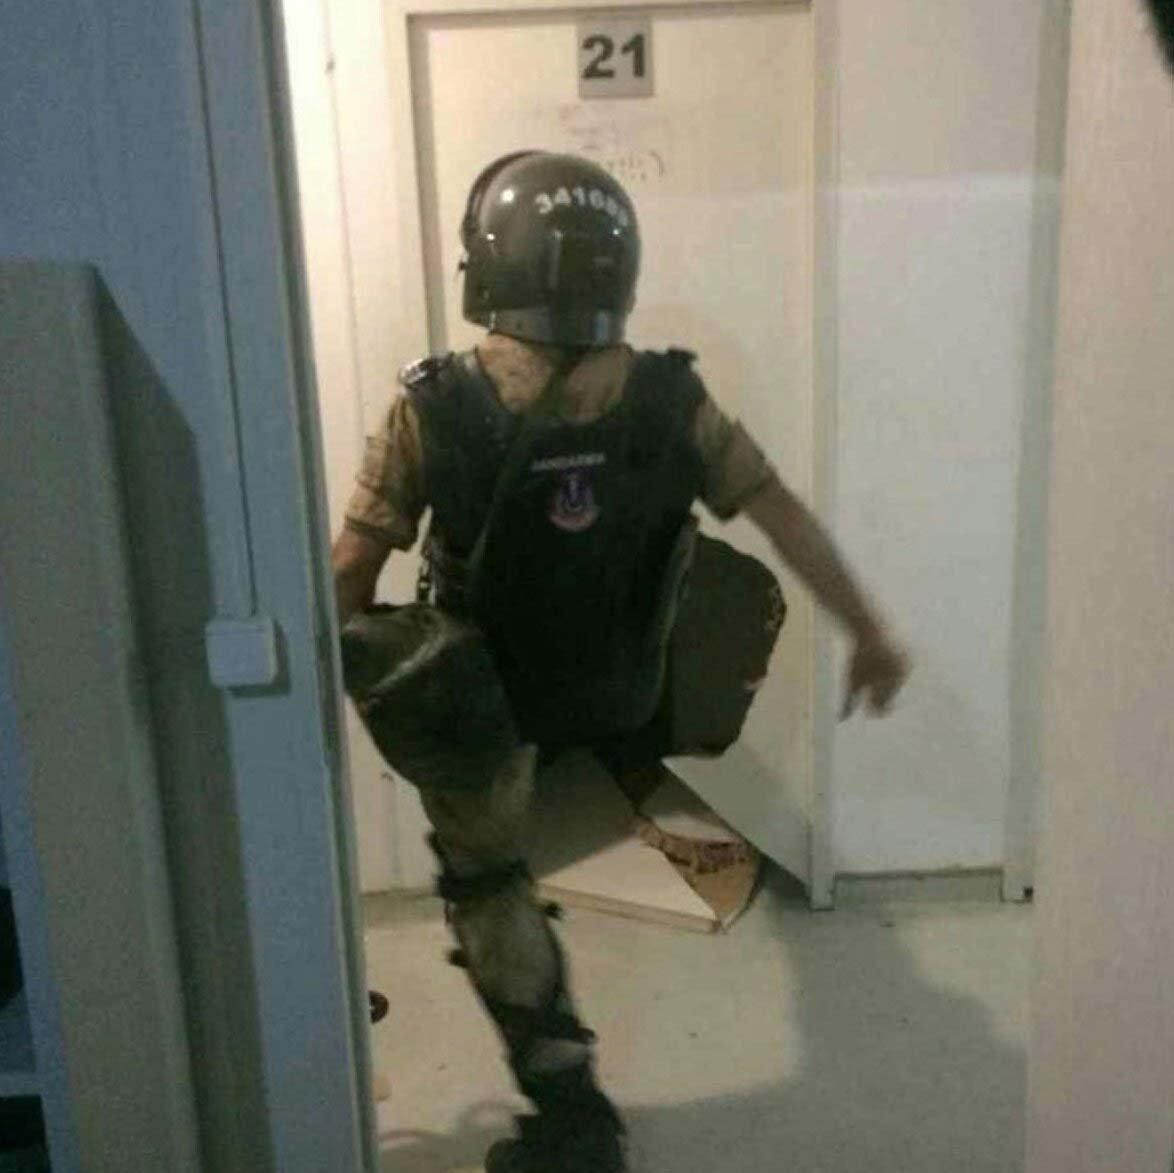 Gözaltıla işlemlerini Jandarma ekipleri yapmıştı.